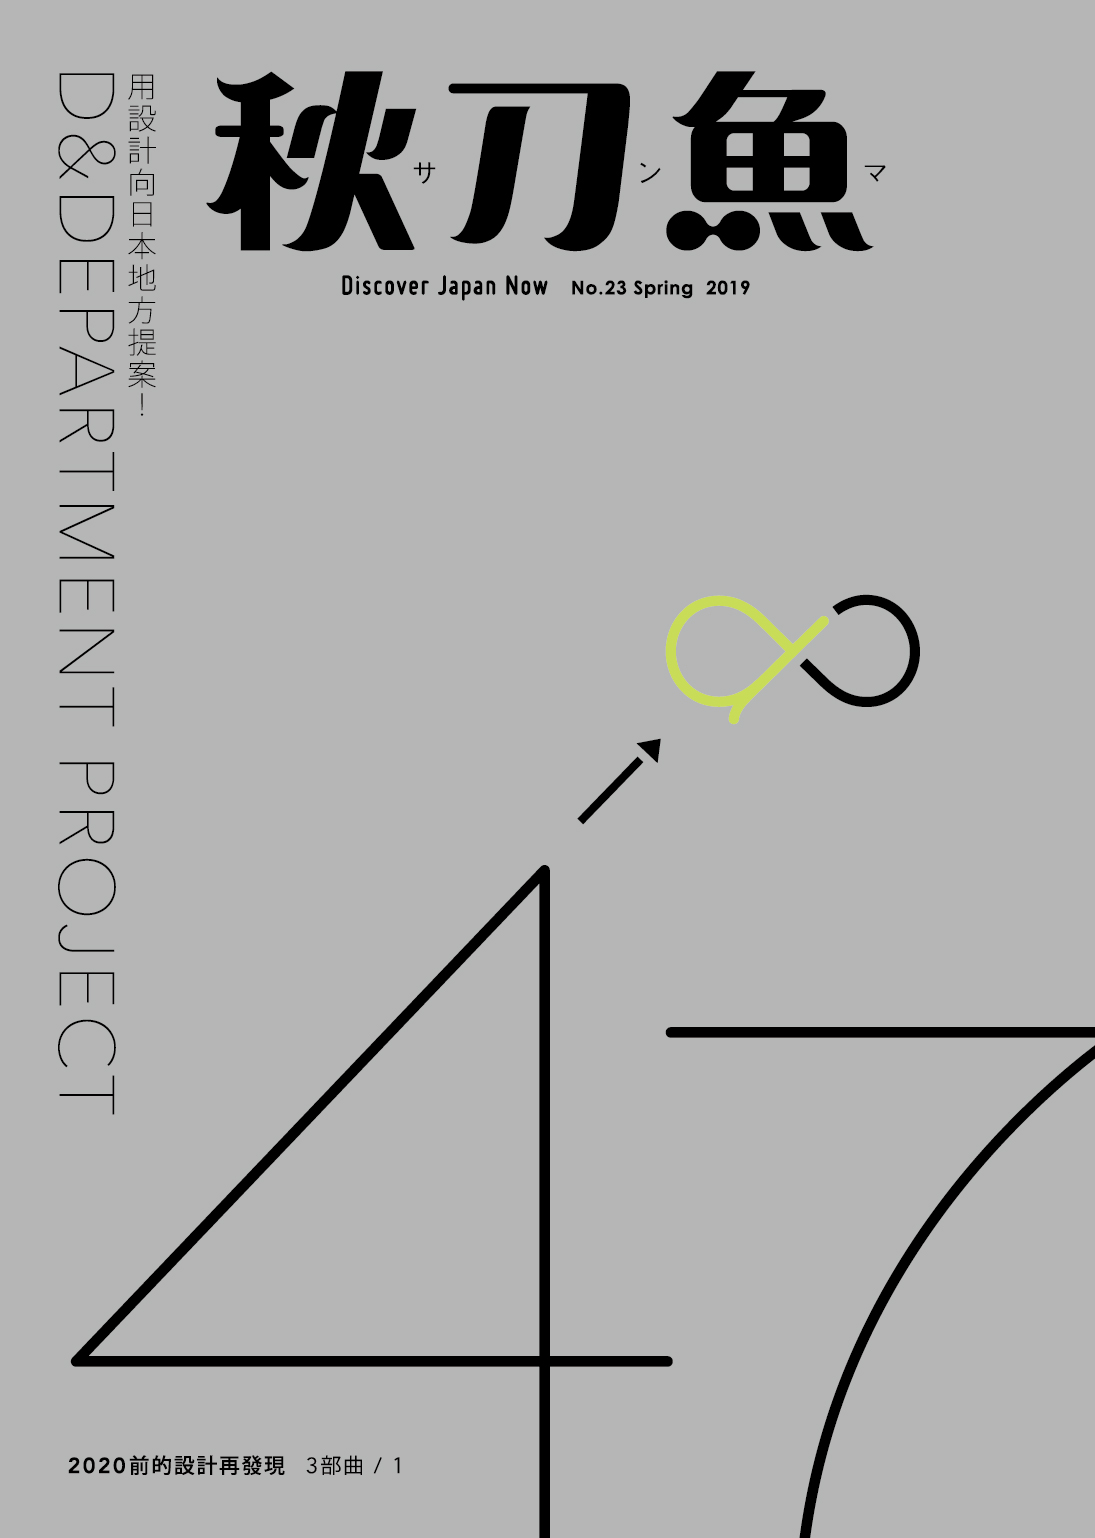 秋刀魚 第23期  〈用設計向日本地方提案!D&Department Project〉  在庫  ﹥20